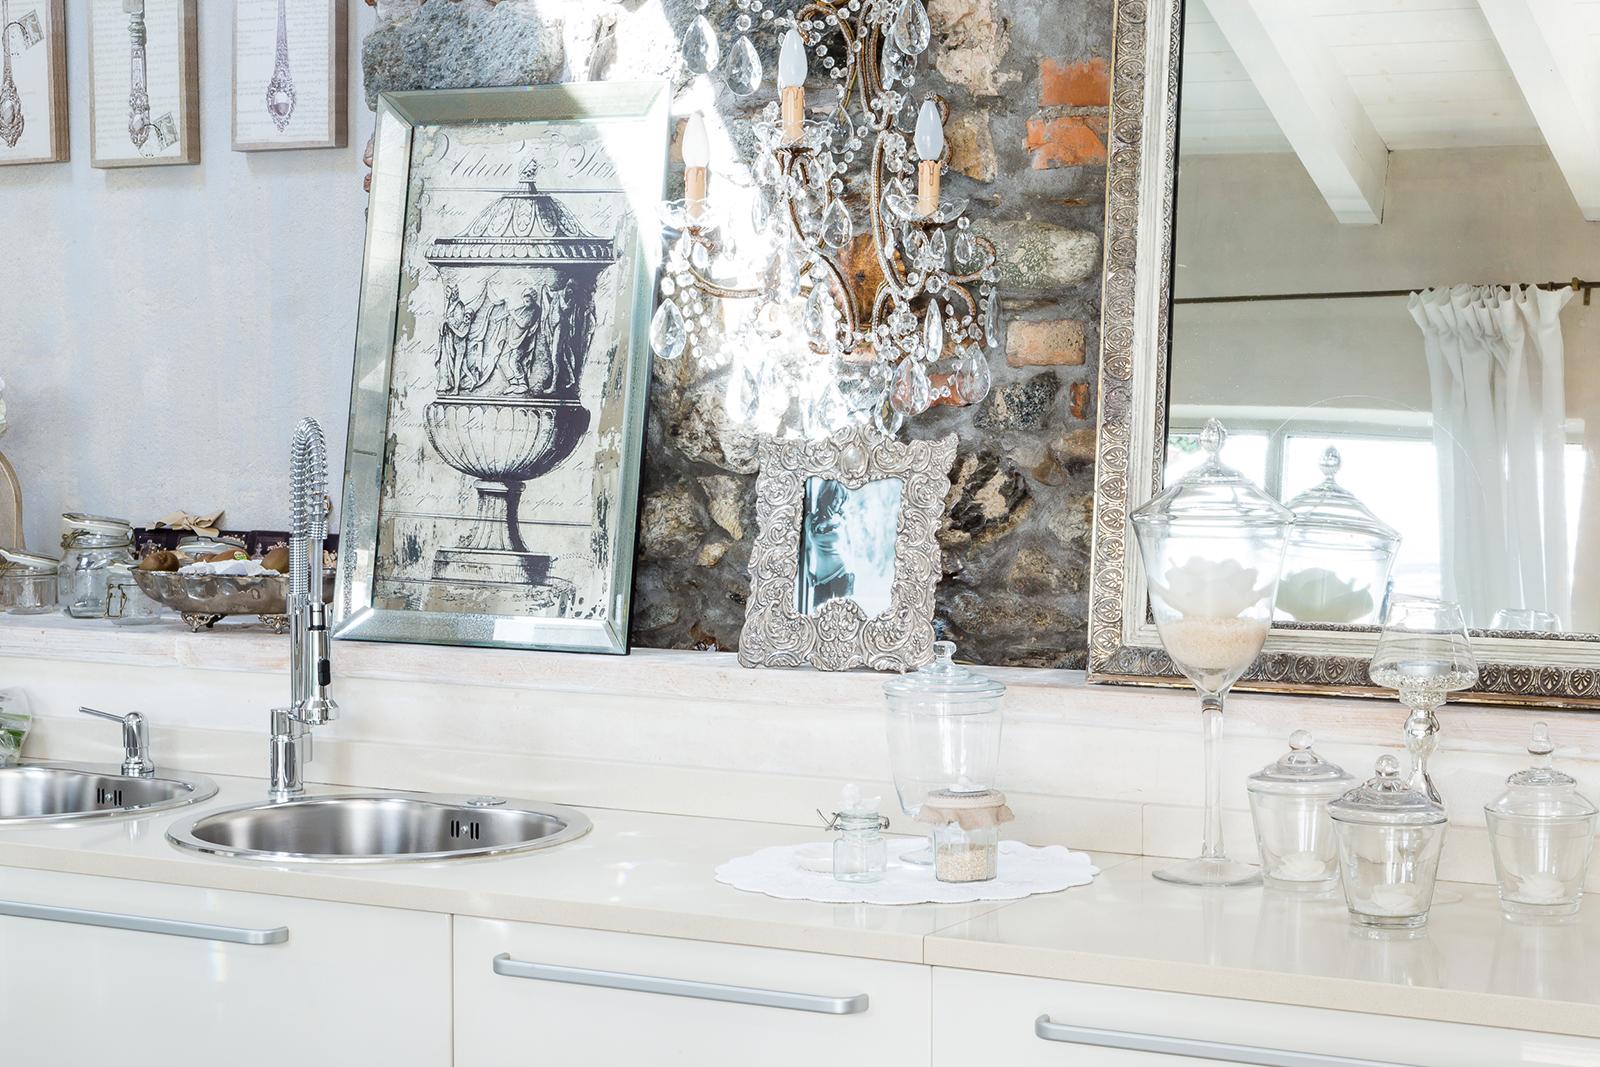 Camere Da Letto Stile Francese : Camera da letto stile provenzale perfect camera da letto stile